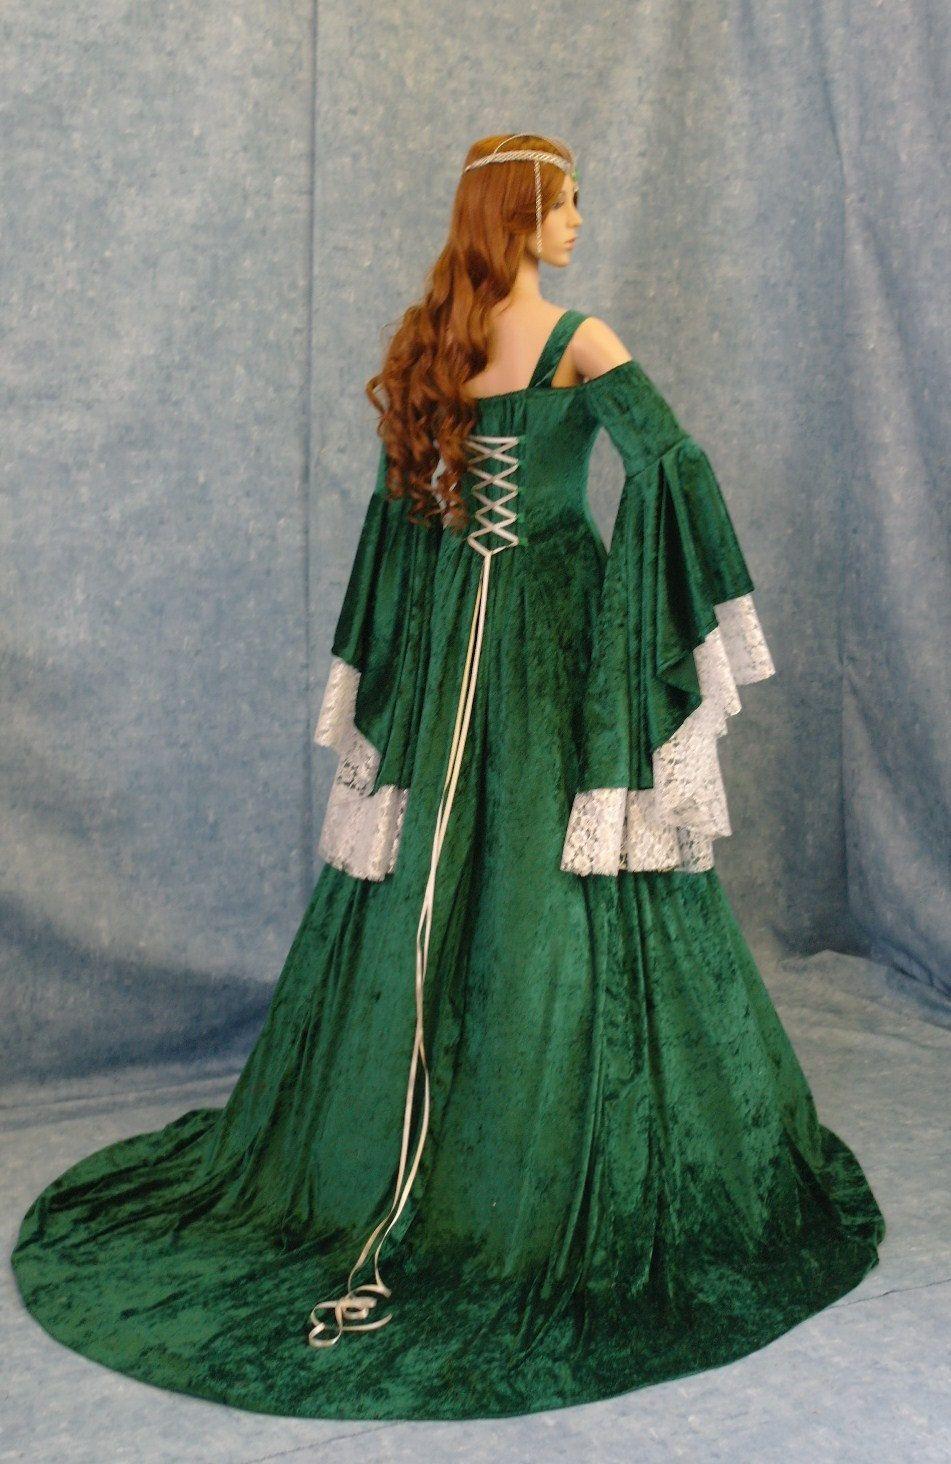 elvish wedding dress Renaissance medieval handfasting wedding fantasy celtic dress custom made 00 via Etsy